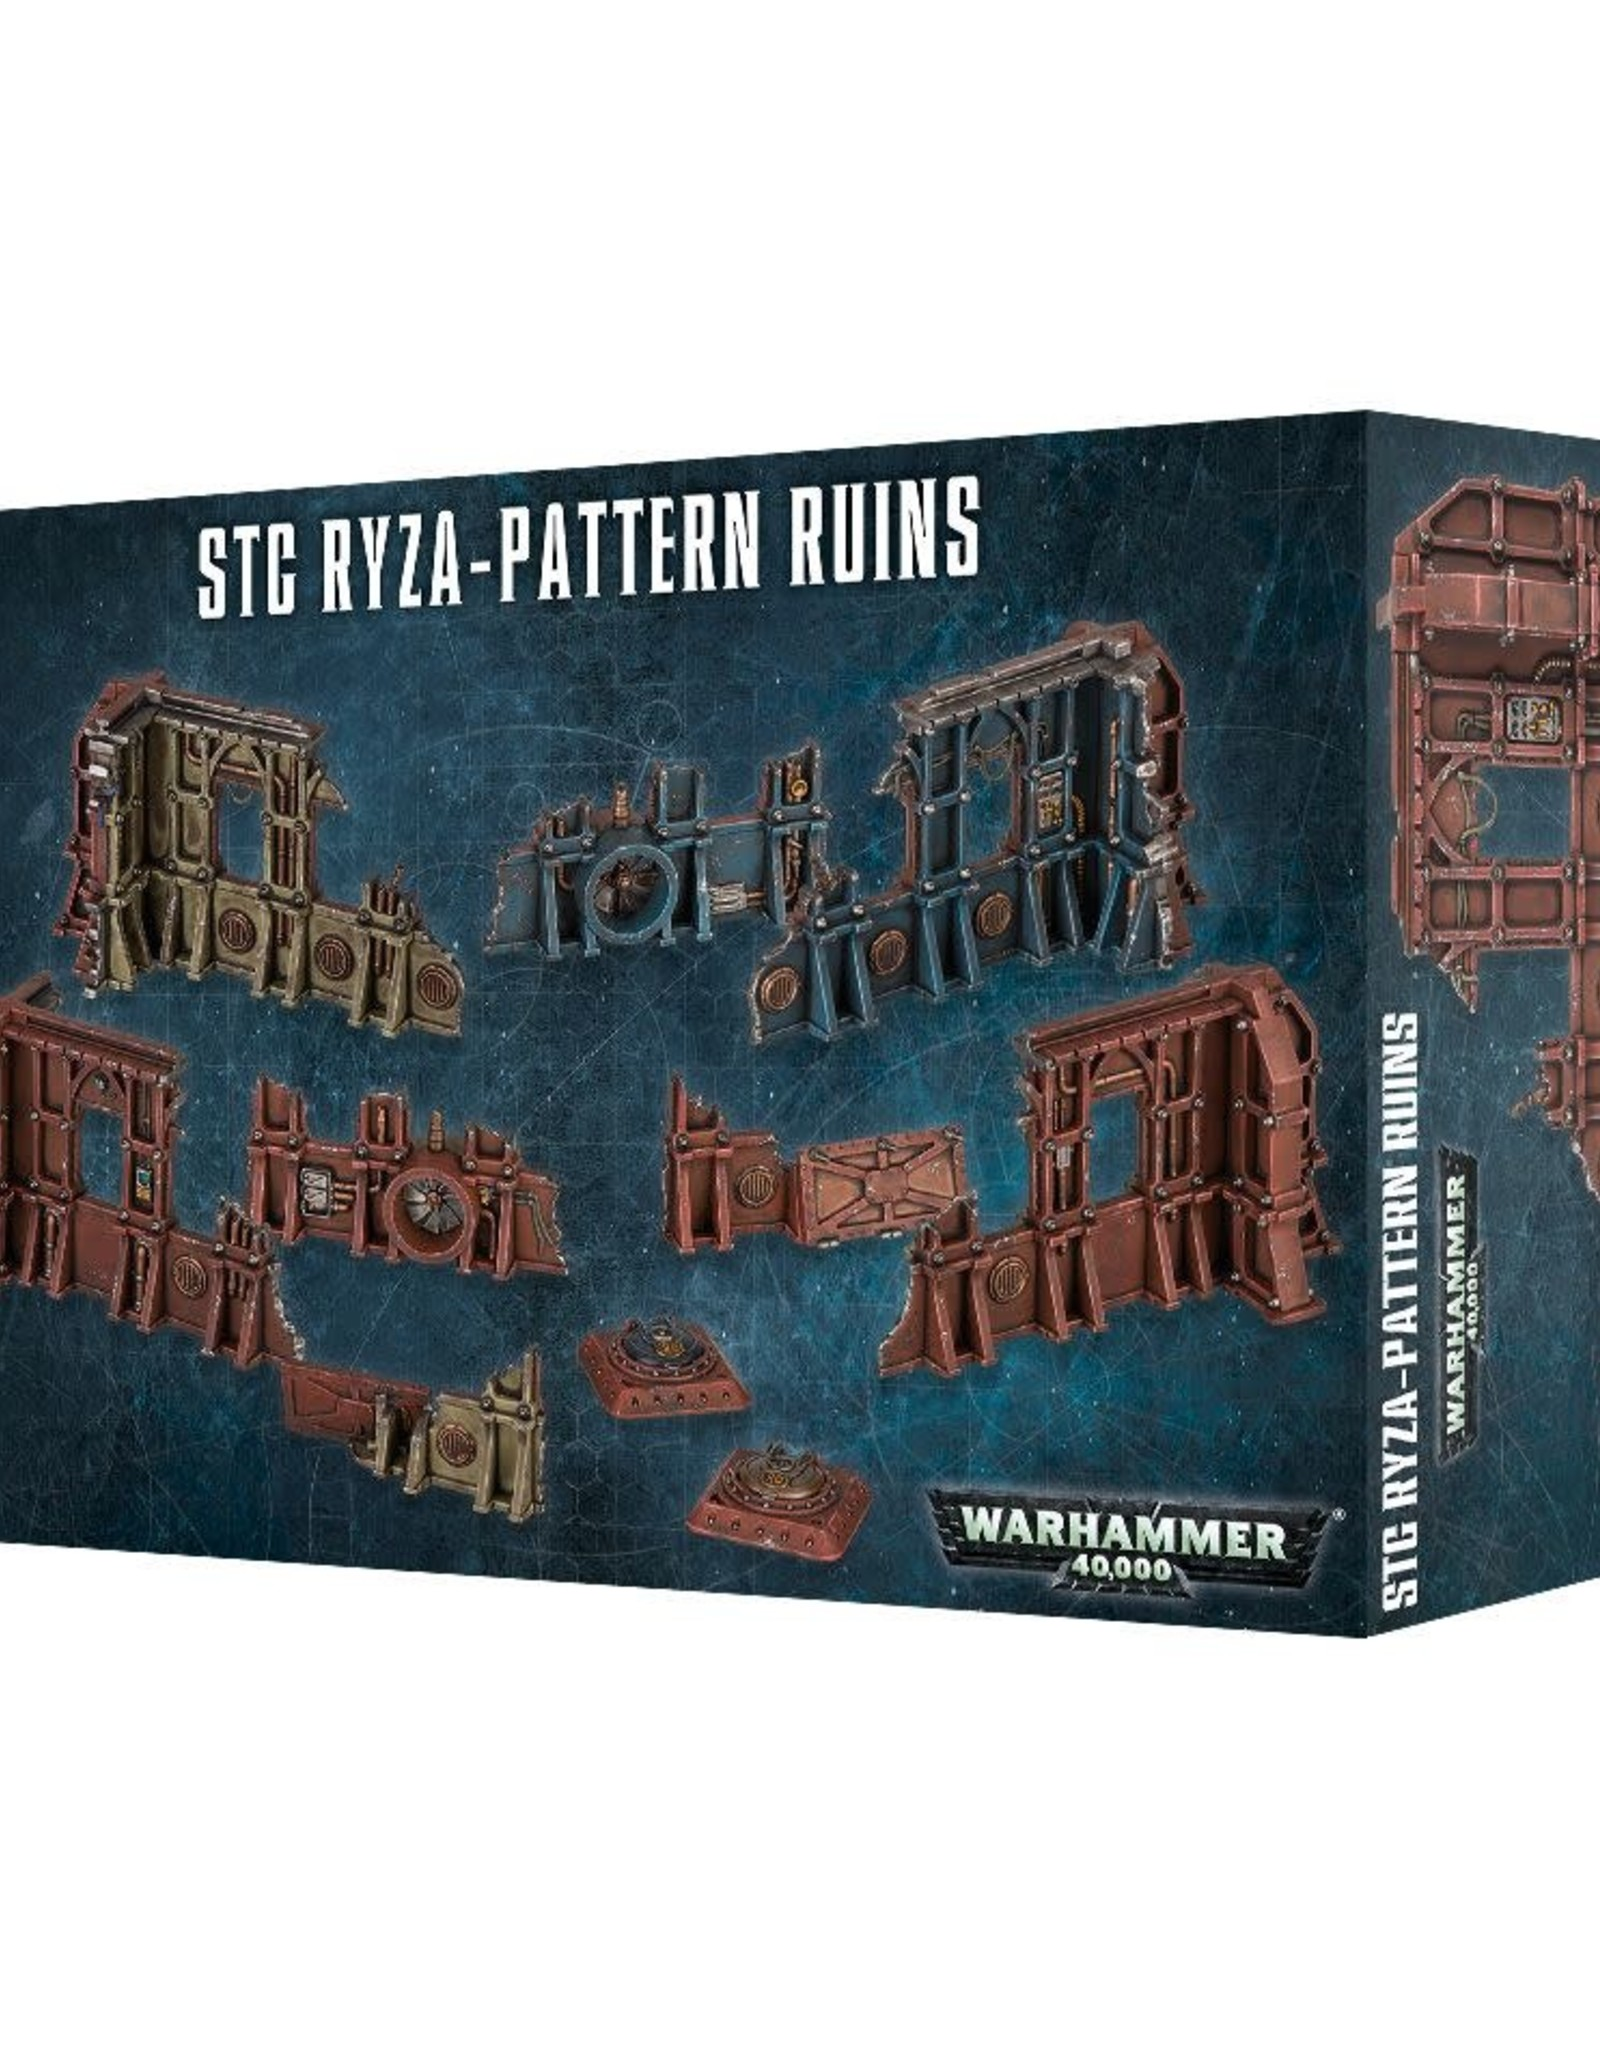 Warhammer 40K STC Ryza-Pattern Ruins